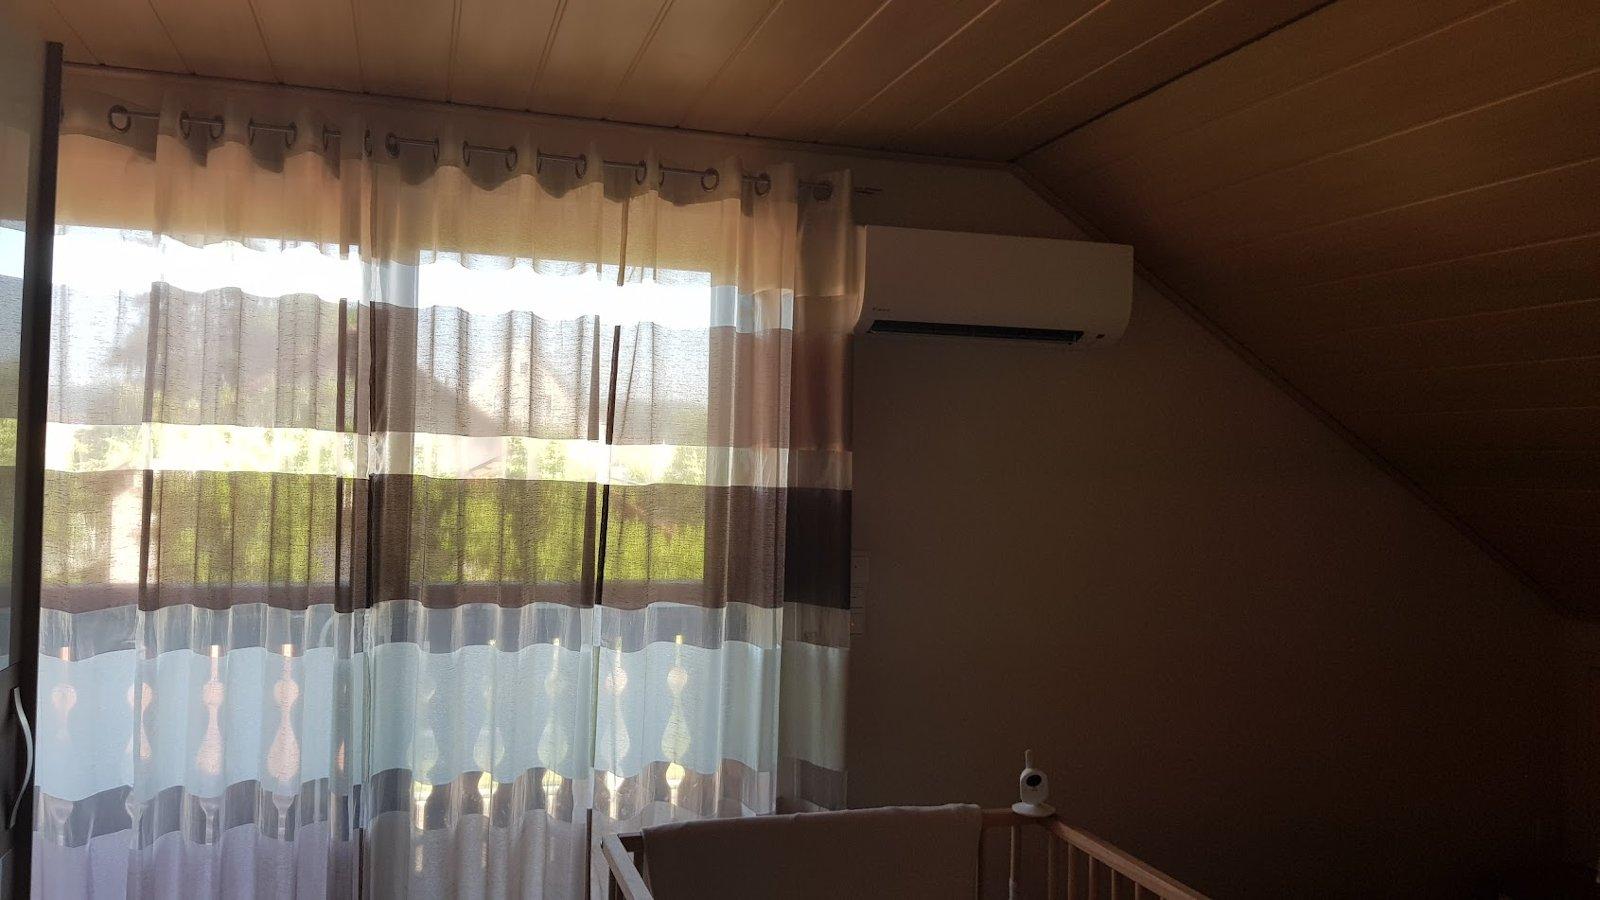 Full Size of Daikin Klimaanlage In Der Dachwohnung Ip Symcon Anbindung Schlafzimmer Set Weiß Klebefolie Für Fenster Sofa Esstisch Sichtschutz Garten Günstig Teppich Schlafzimmer Klimagerät Für Schlafzimmer